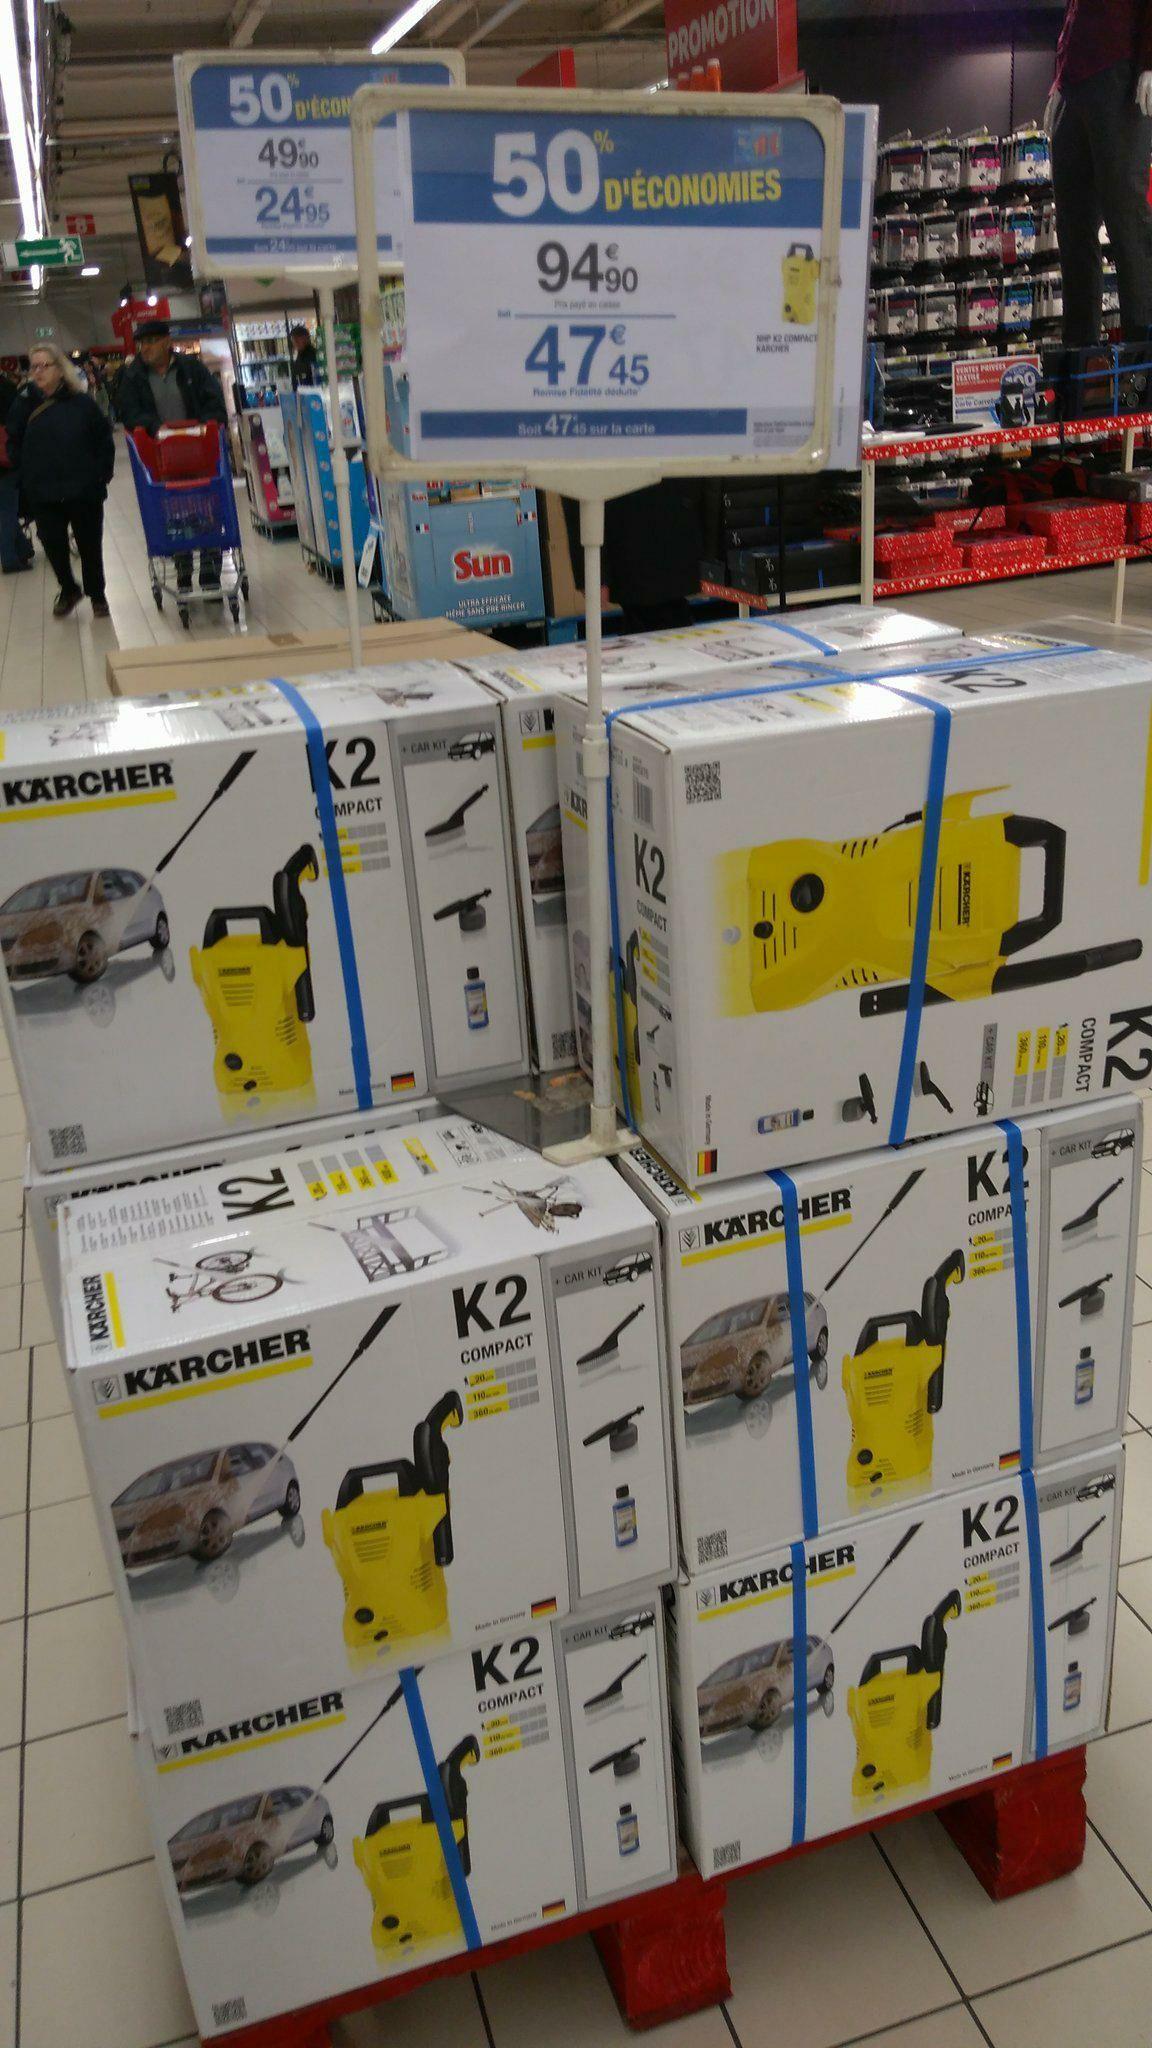 Nettoyeur haute pression karcher compact k2 avec - Carrefour nettoyeur haute pression ...